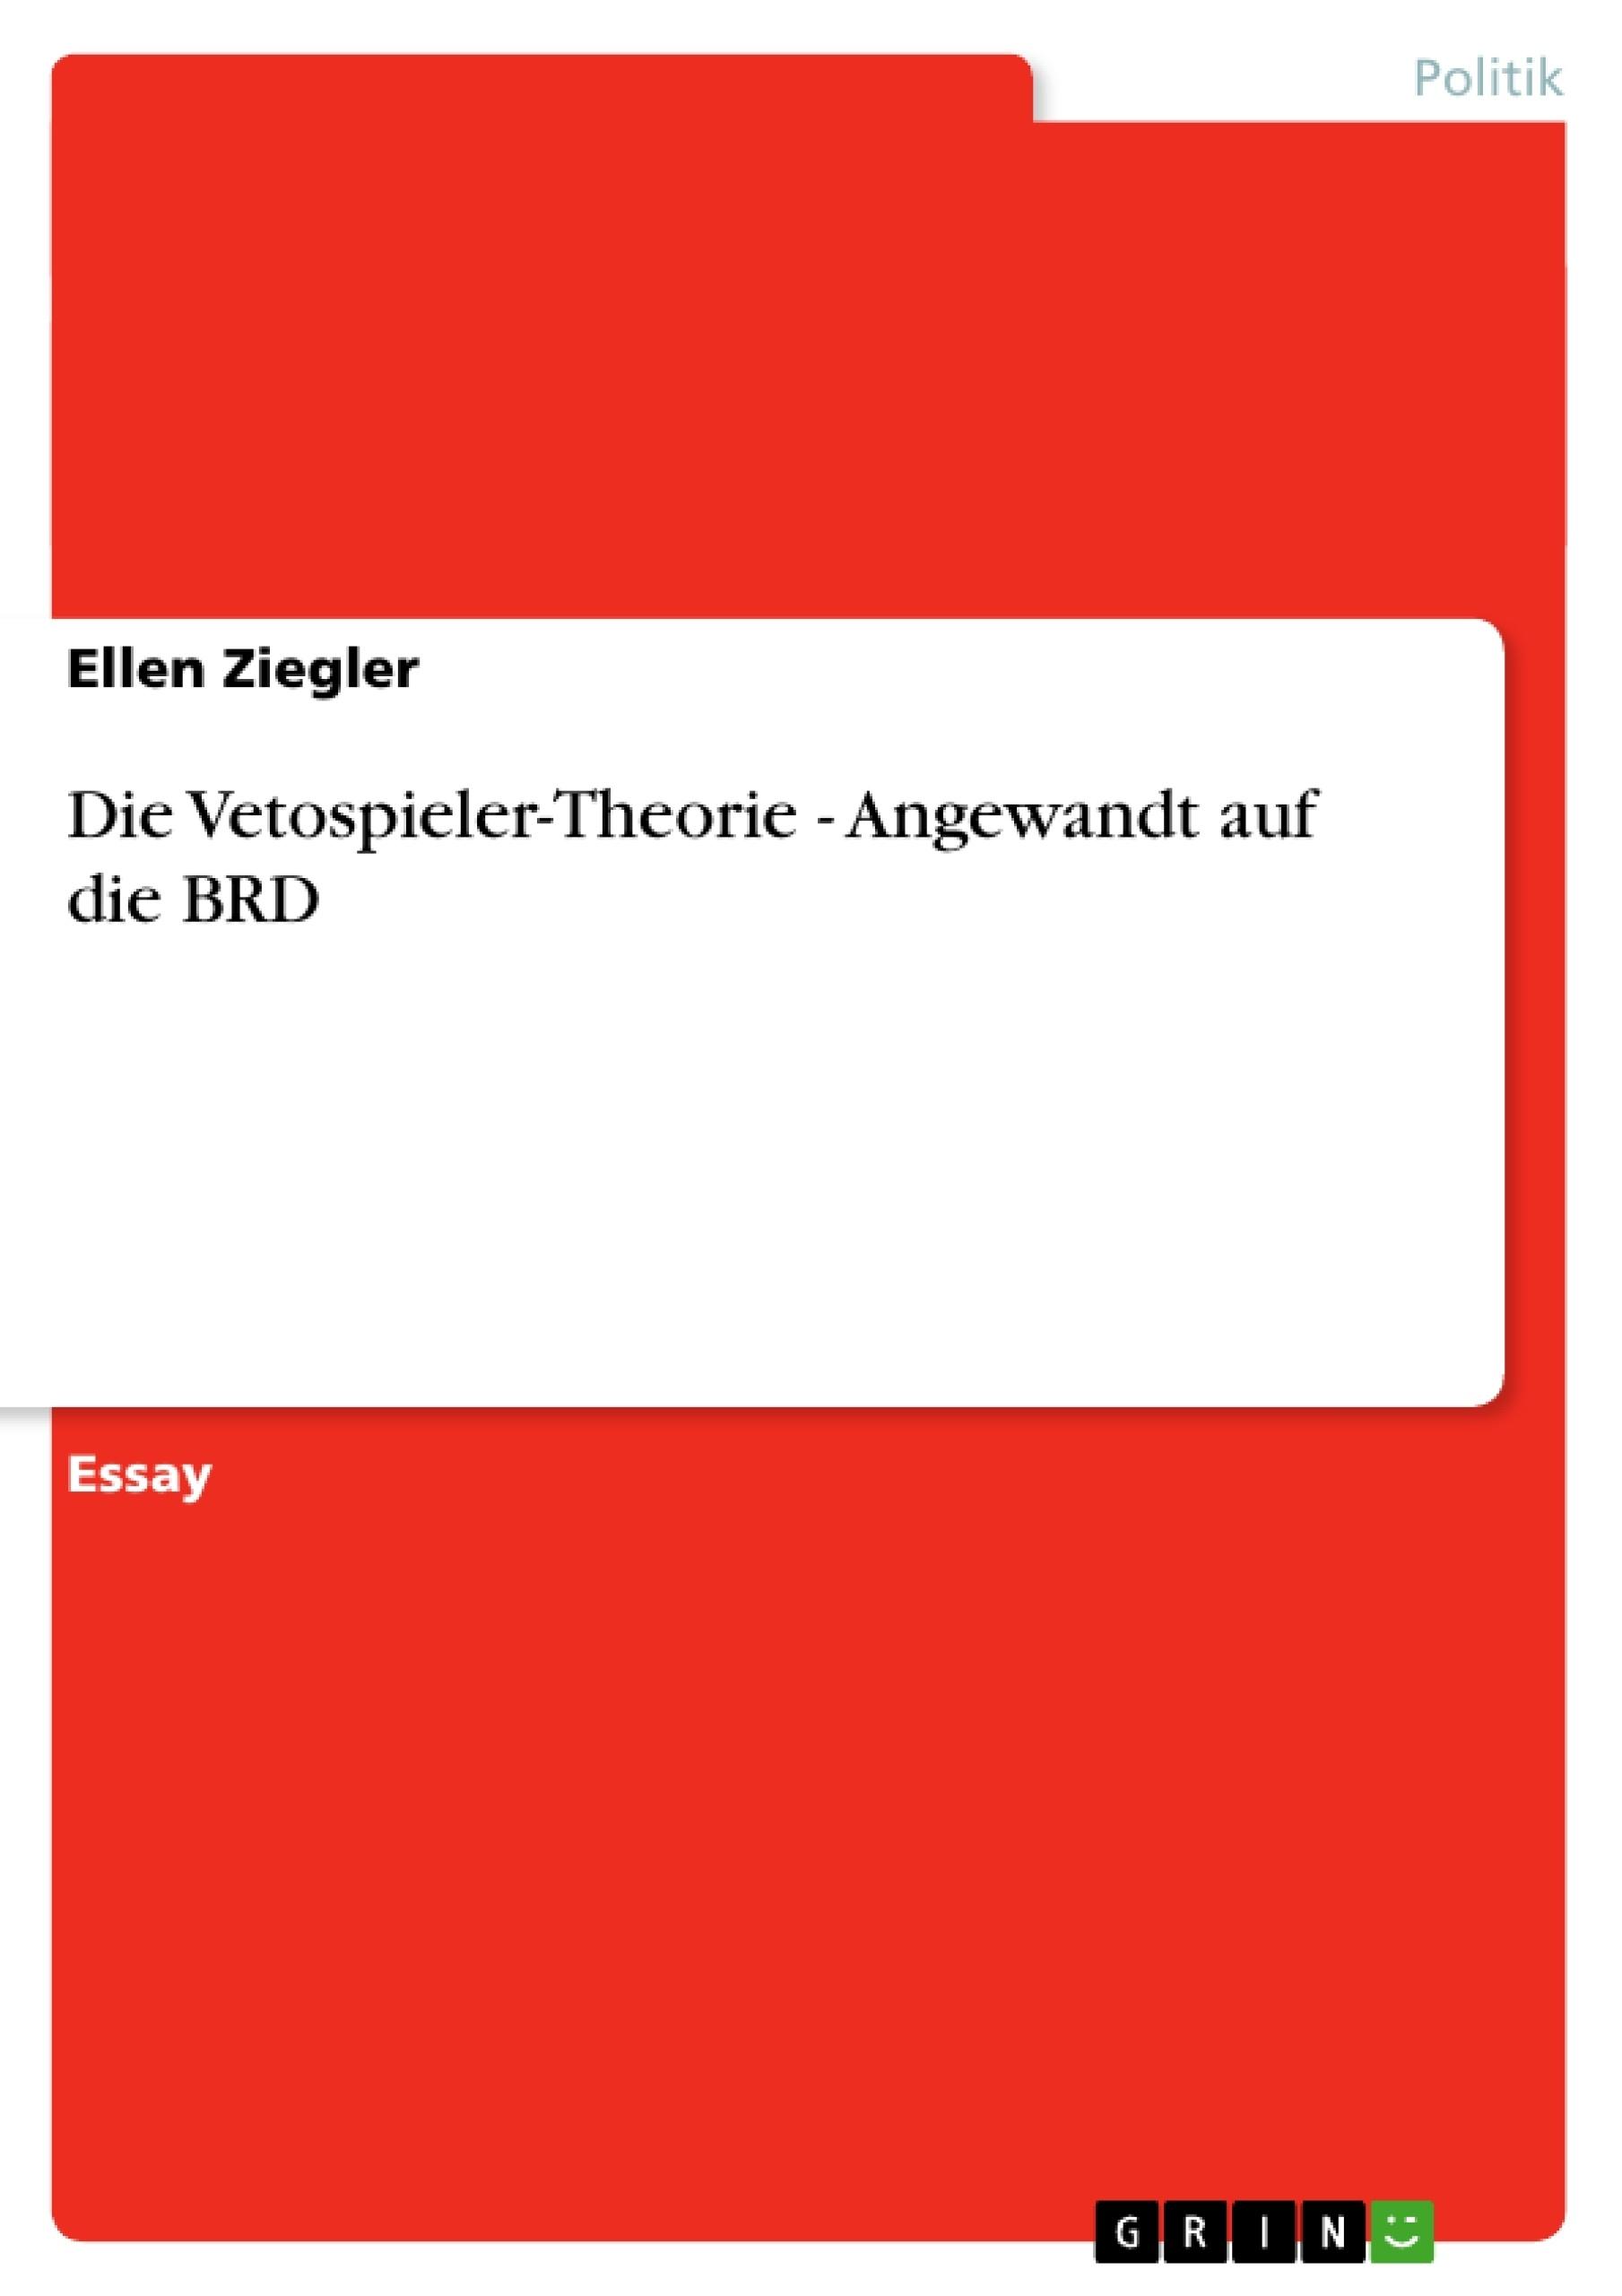 Titel: Die Vetospieler-Theorie - Angewandt auf die BRD